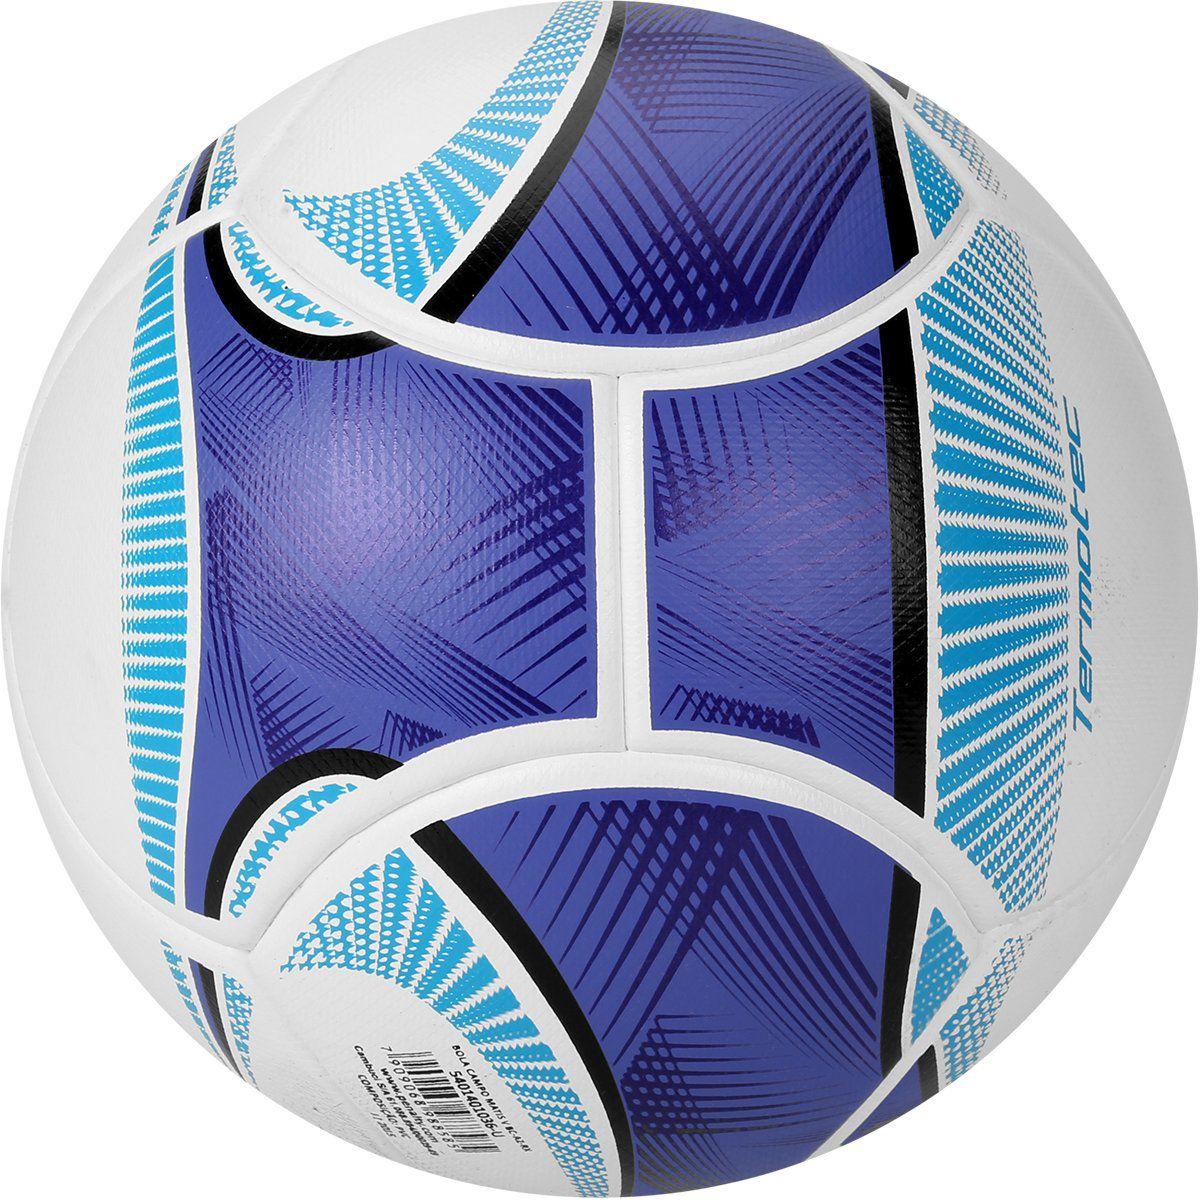 Bola Futebol de Campo Penalty Matis V Termotec Branco e Azul